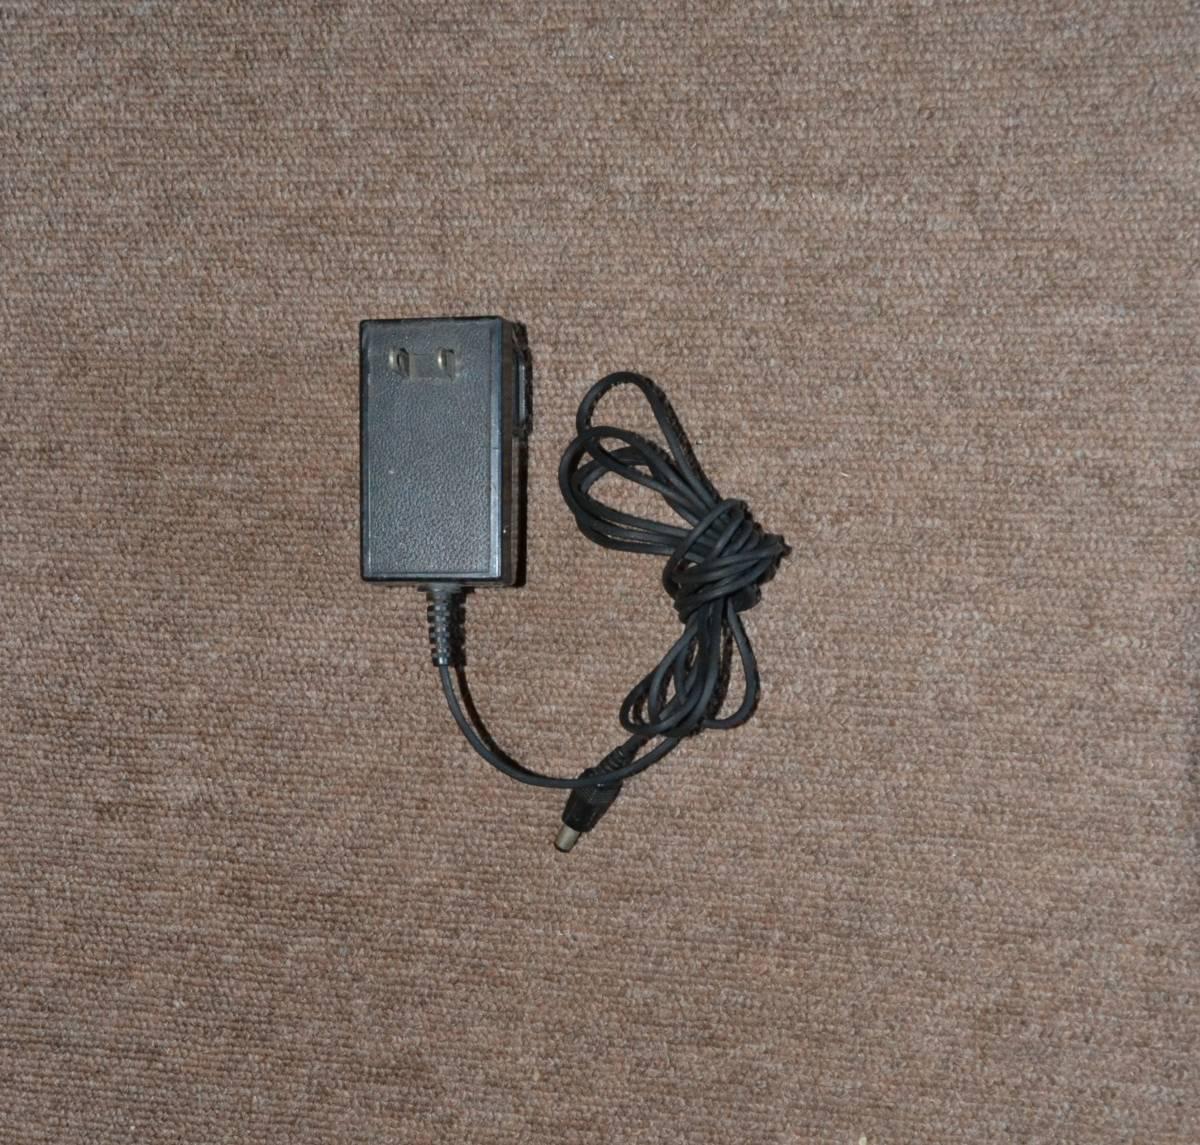 SONY AC ADAPTOR AC-9 6V 300mA スカイセンサー 100V 50HZ/60HZ_画像2